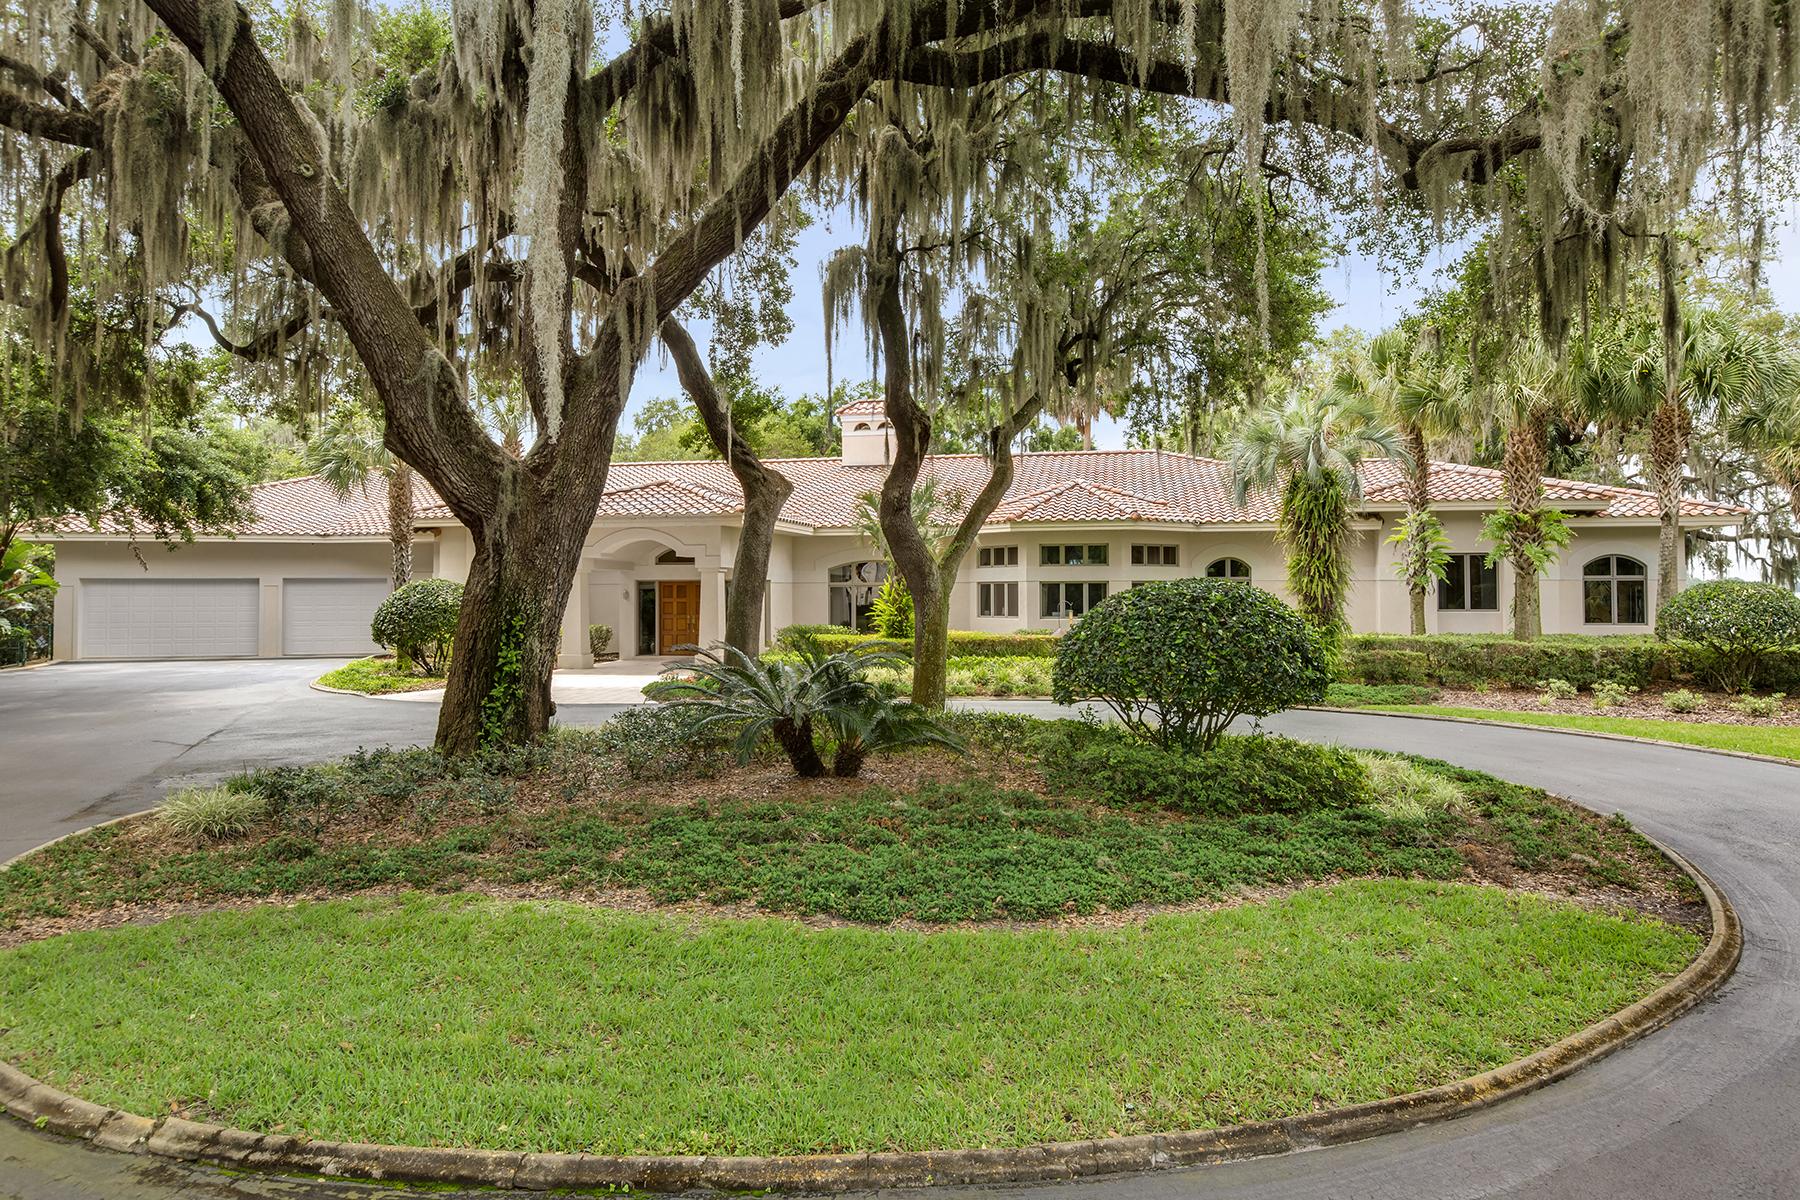 Einfamilienhaus für Verkauf beim ORLANDO - MOUNT DORA 3400 Lakeshore Dr Mount Dora, Florida, 32757 Vereinigte Staaten